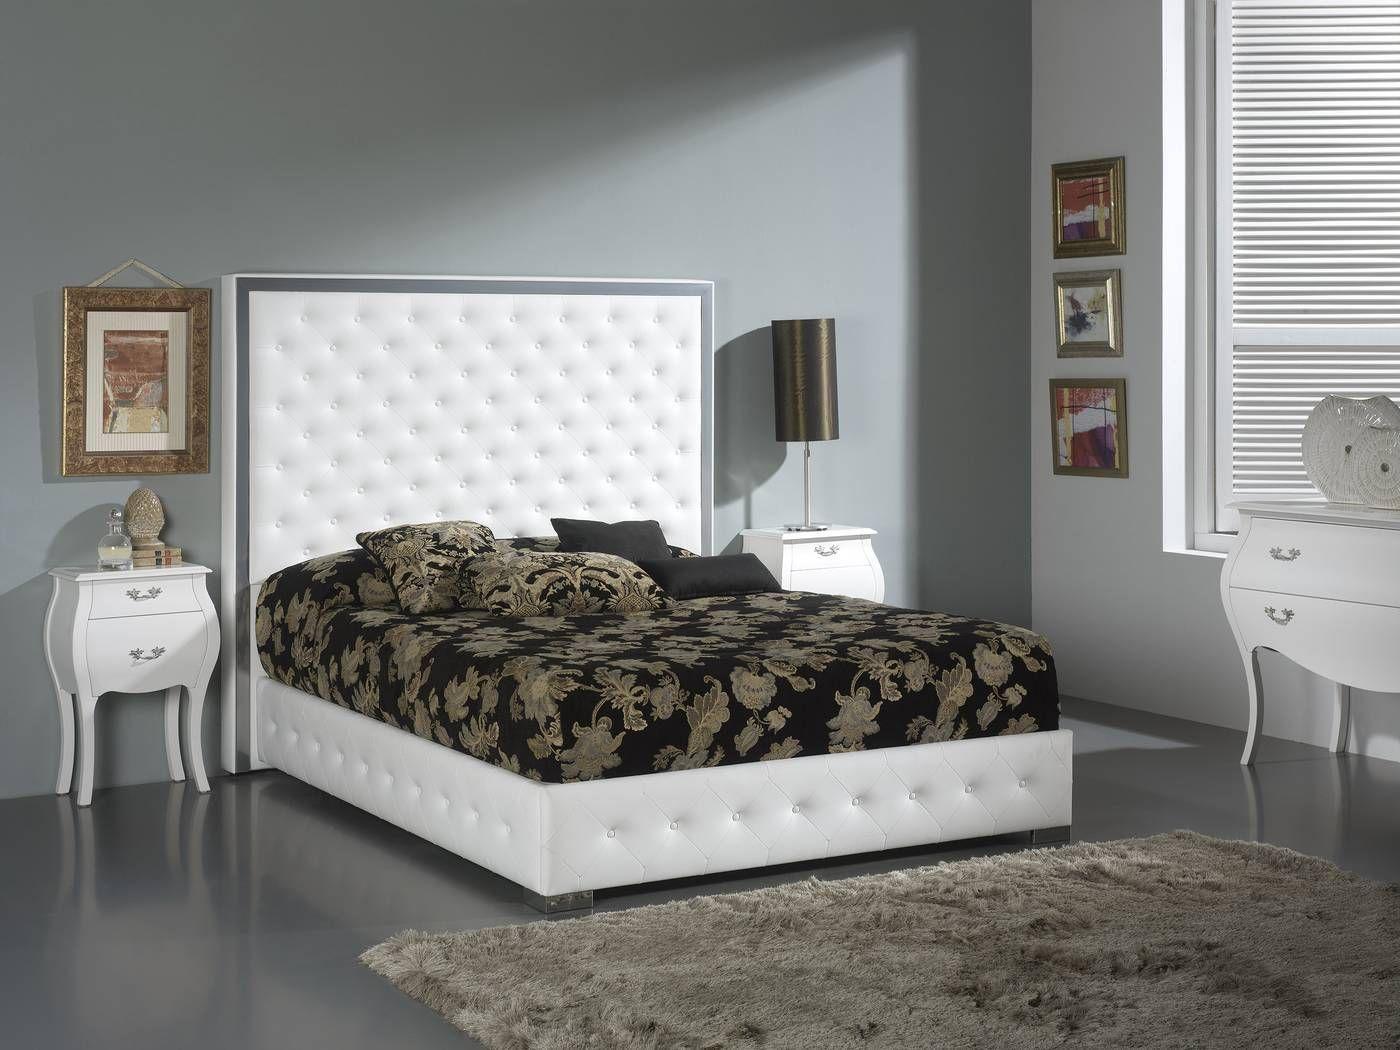 Cabecero dormitorios cabeceros altos muebles muebles for Cabeceros de cama tapizados